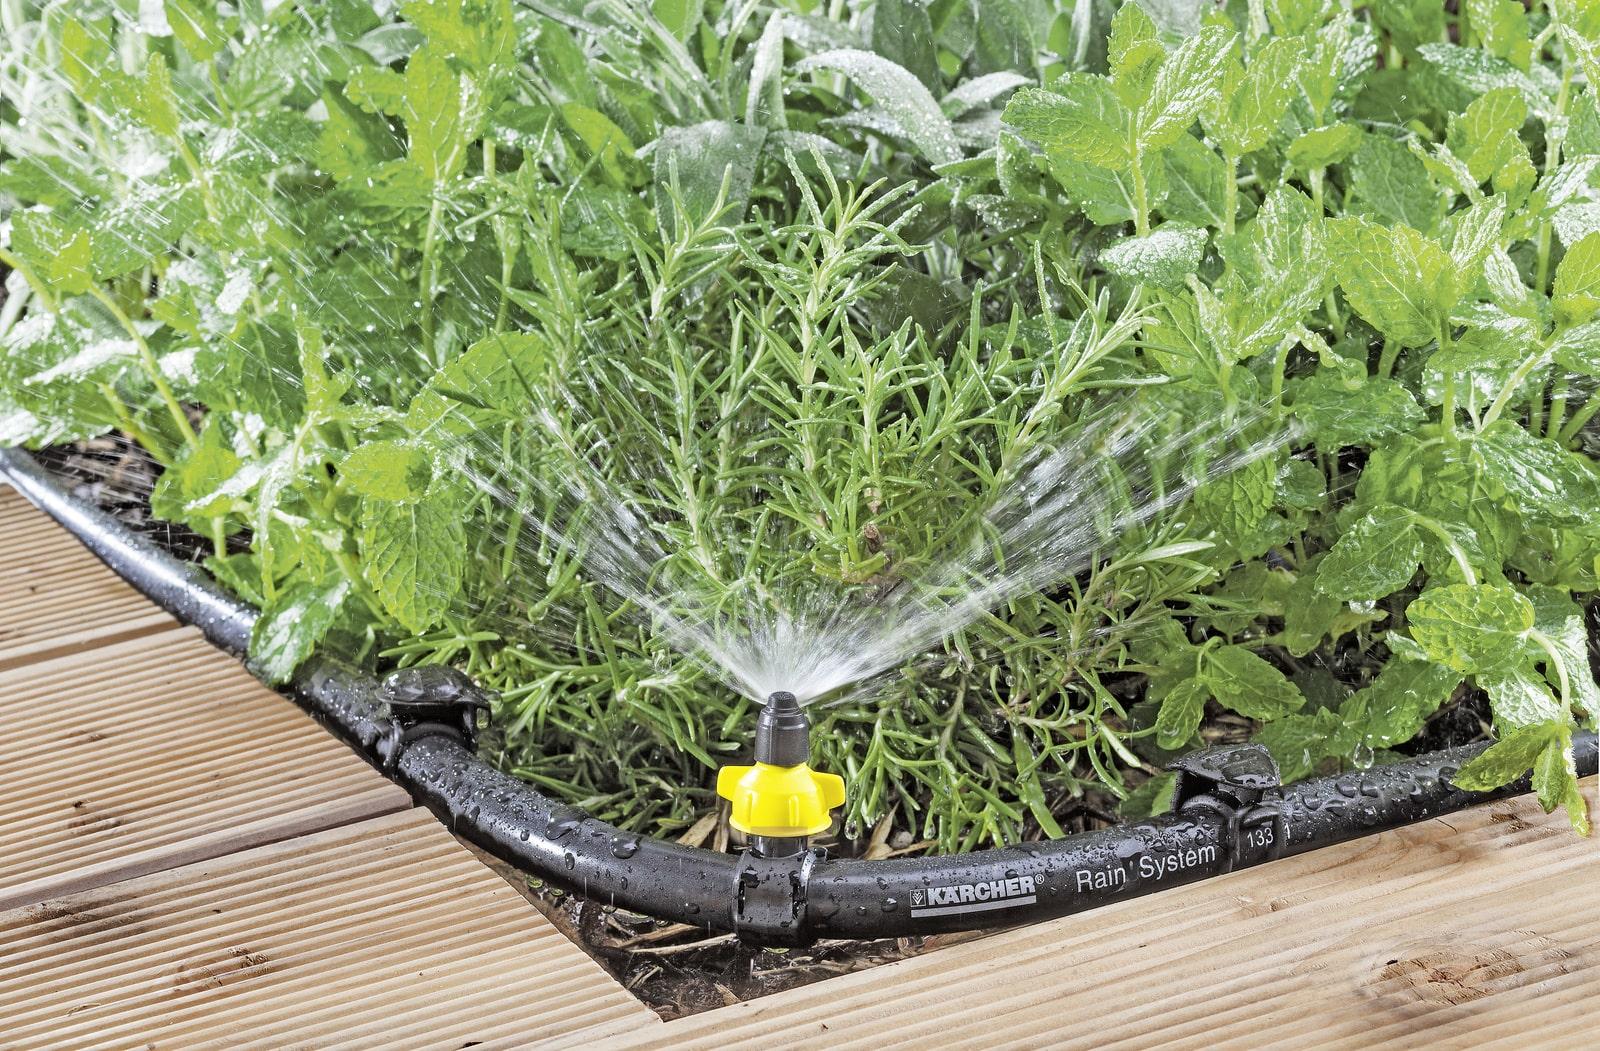 Zalivanje vrta - udobje s prihrankom vašega dragocenega časa in denarja